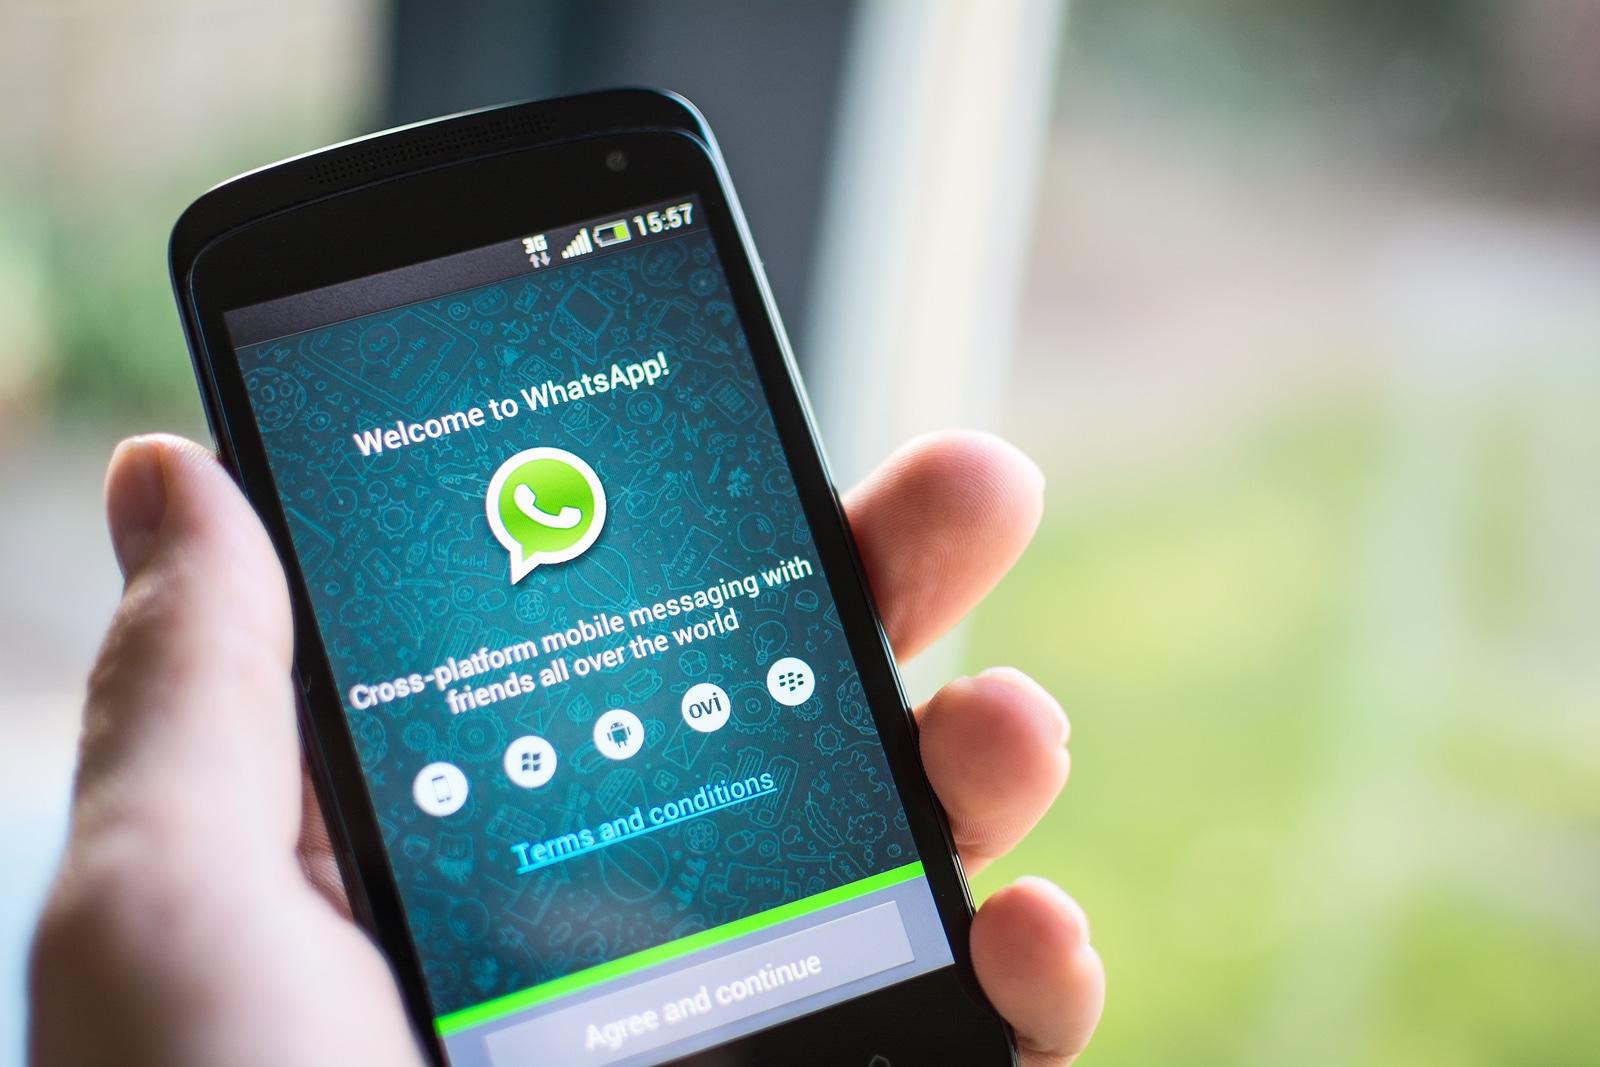 Novedades de la más reciente versión de WhatsApp